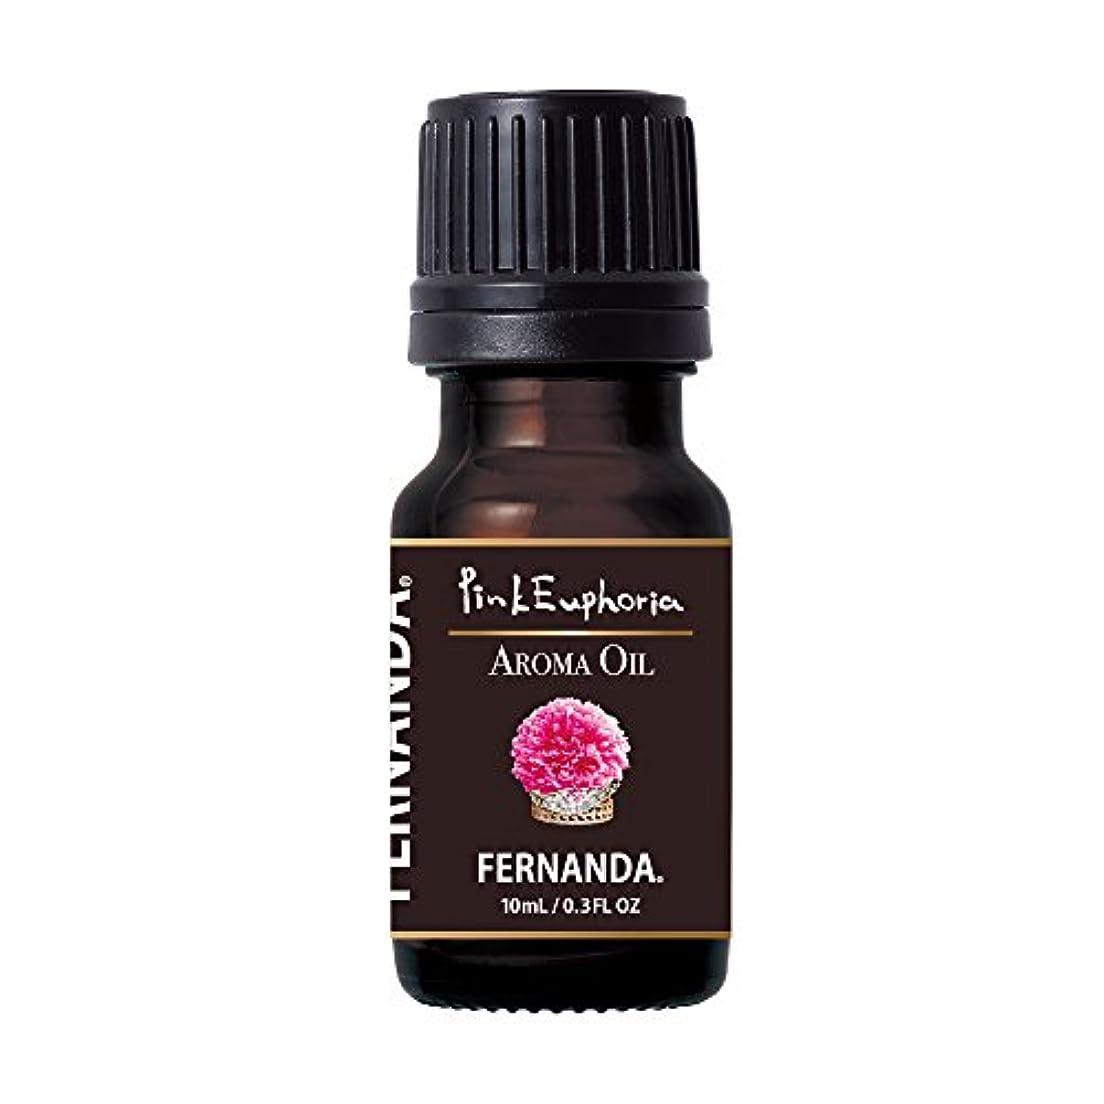 シビックカフェ割り当てFERNANDA(フェルナンダ) Fragrance Aroma Oil Pink Euphoria (アロマオイル ピンクエウフォリア)